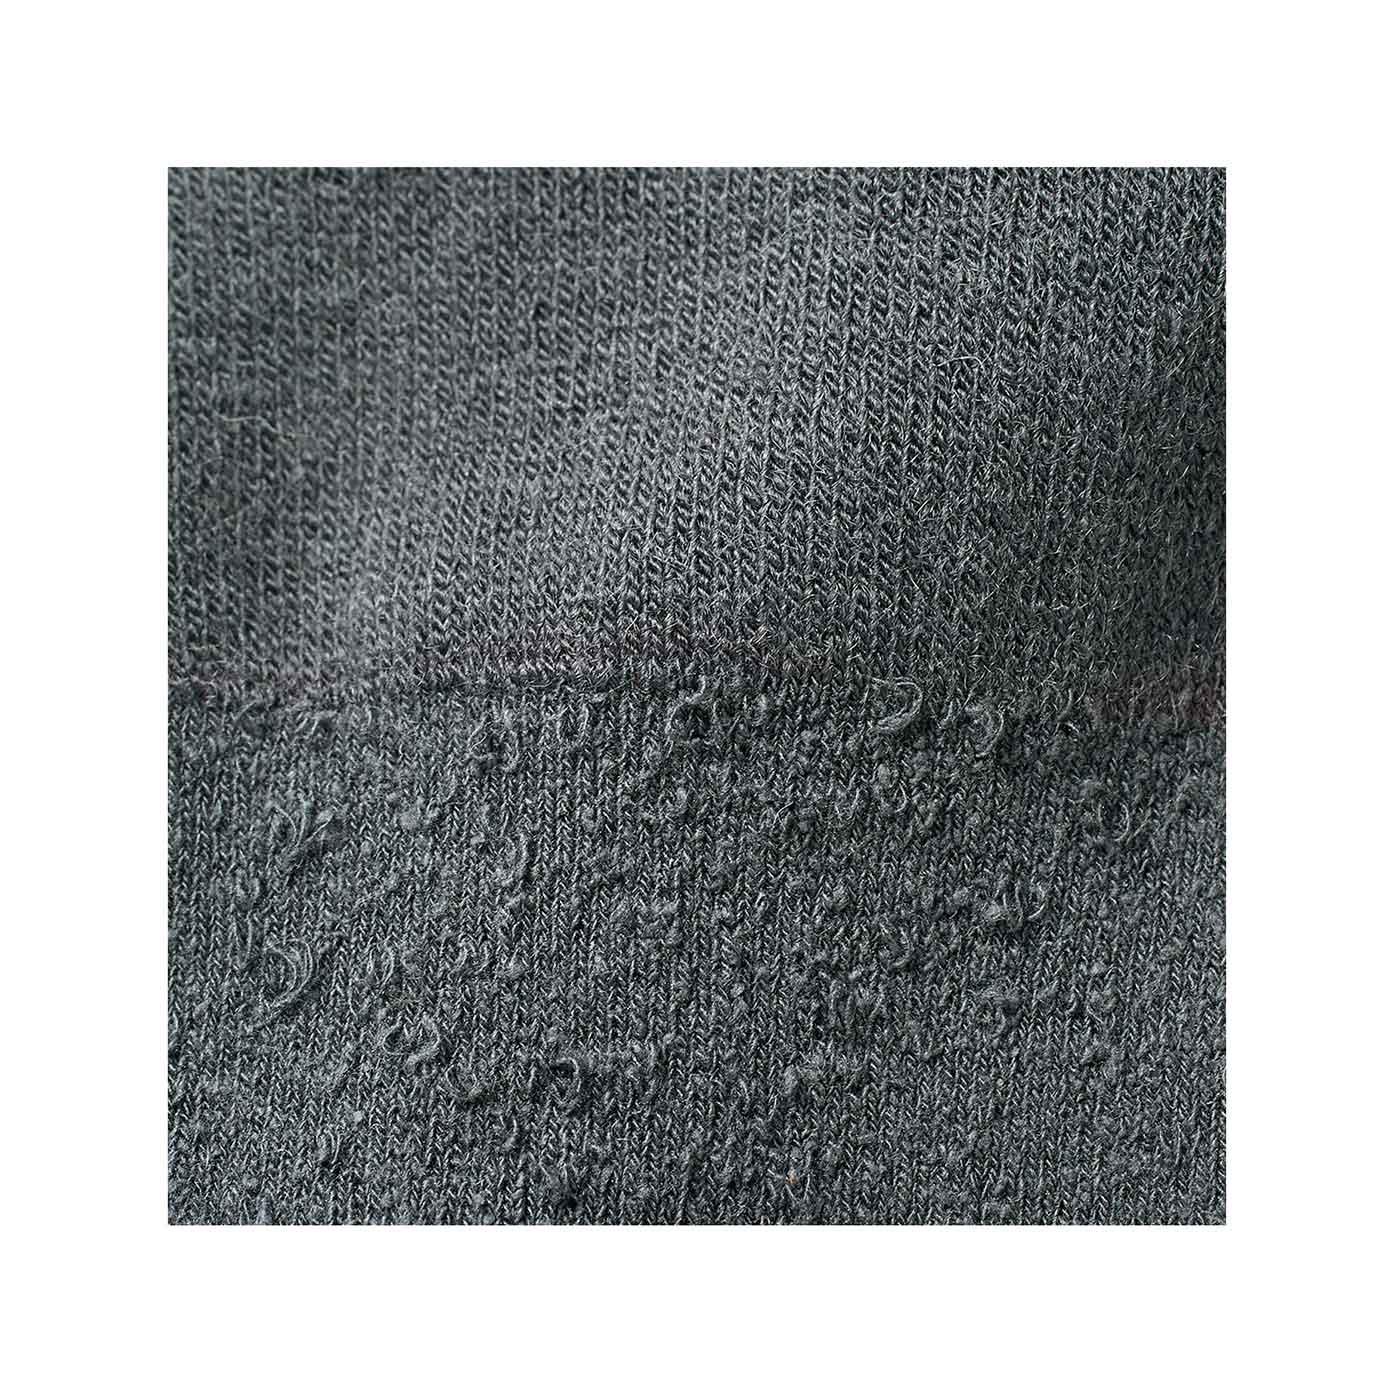 シルクはふんわりとした紬糸(ちゅうし)を使用。外側に出る繊維の節がナチュラルな風合い。